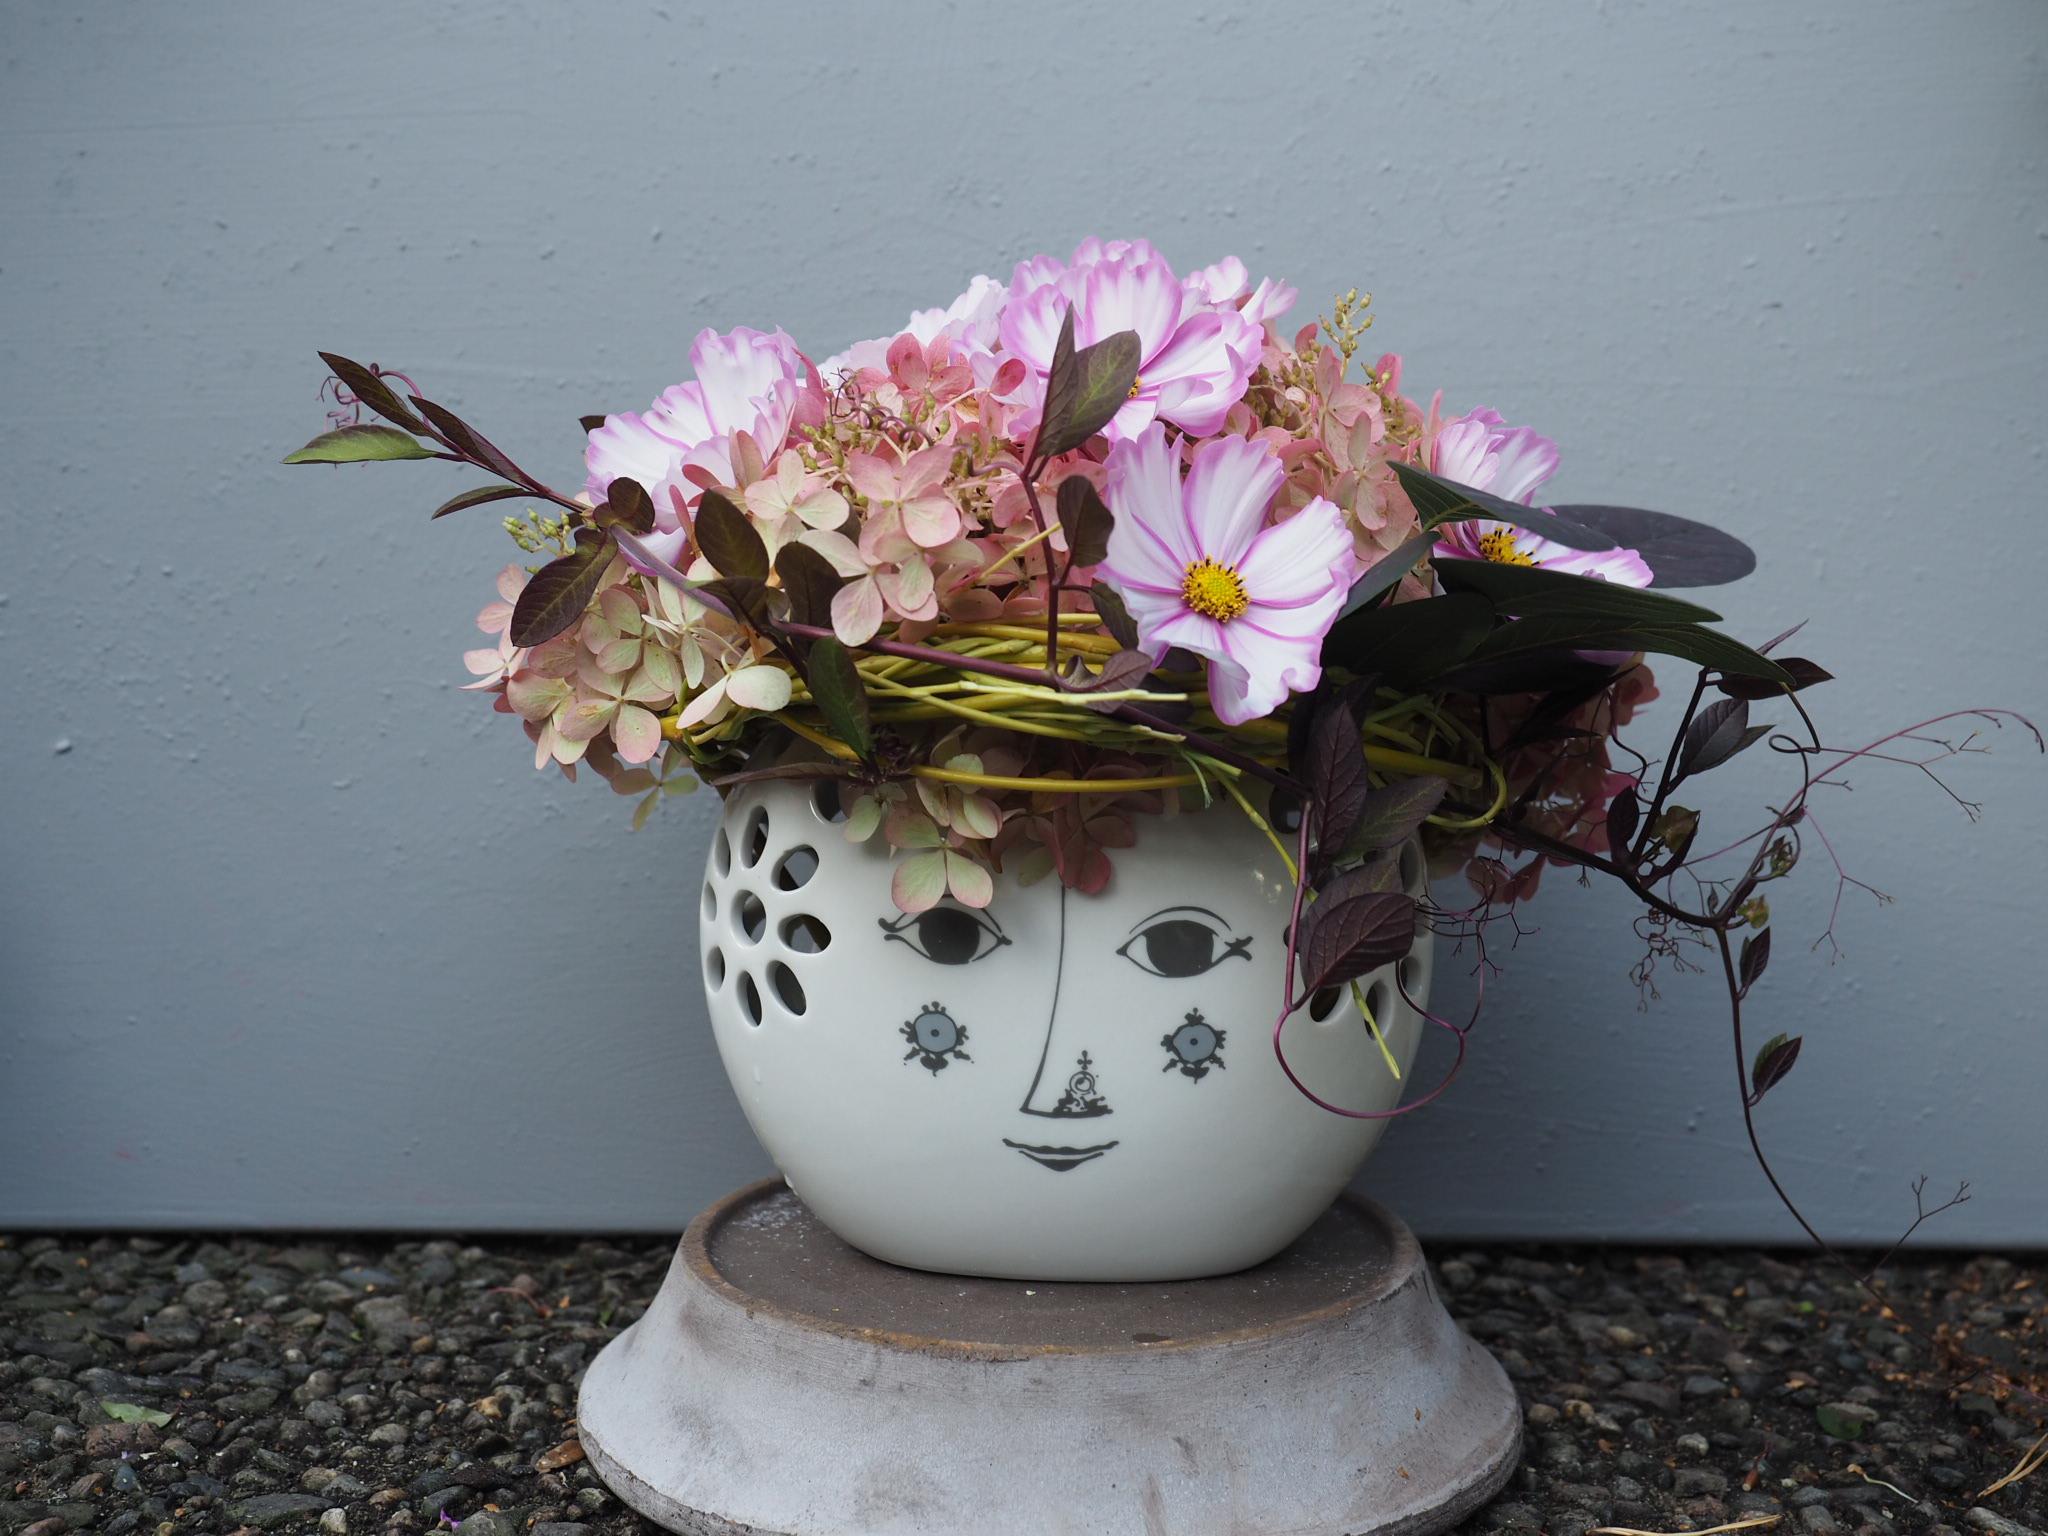 En annerledes vase fra Bjørn Wiinblad Denmark med mange ansikter.